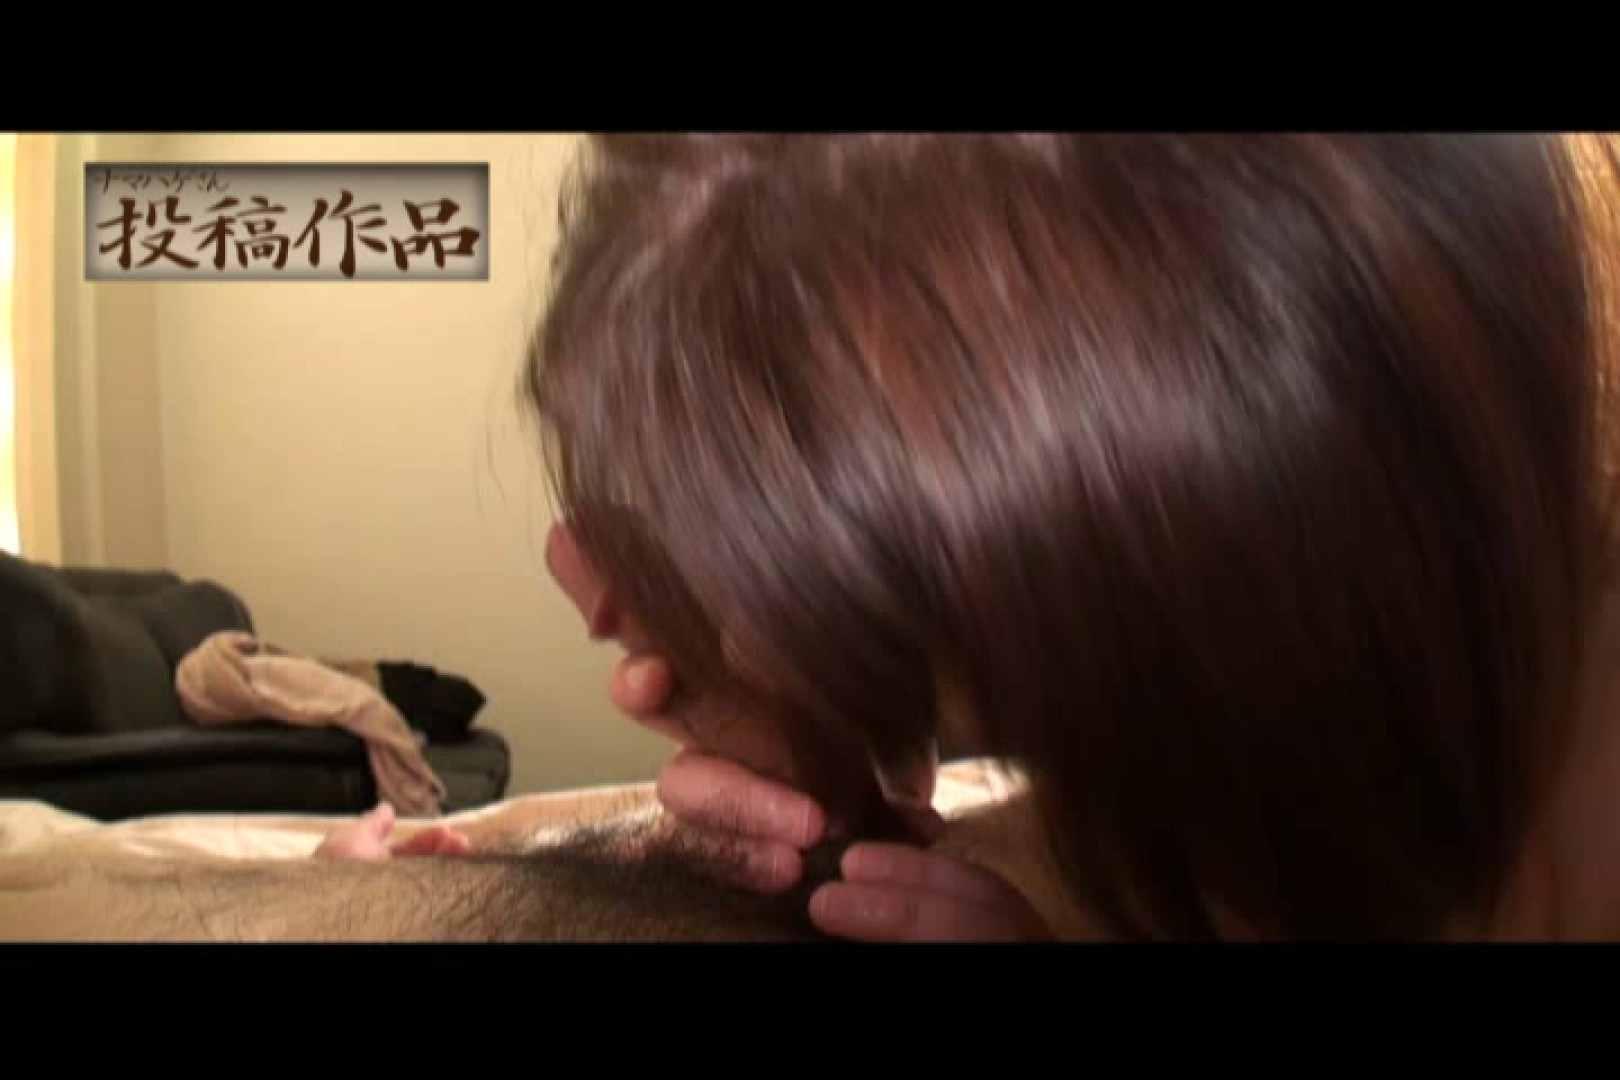 ナマハゲさんのまんこコレクションmayumi02 パイパン映像 | 一般投稿  106pic 29